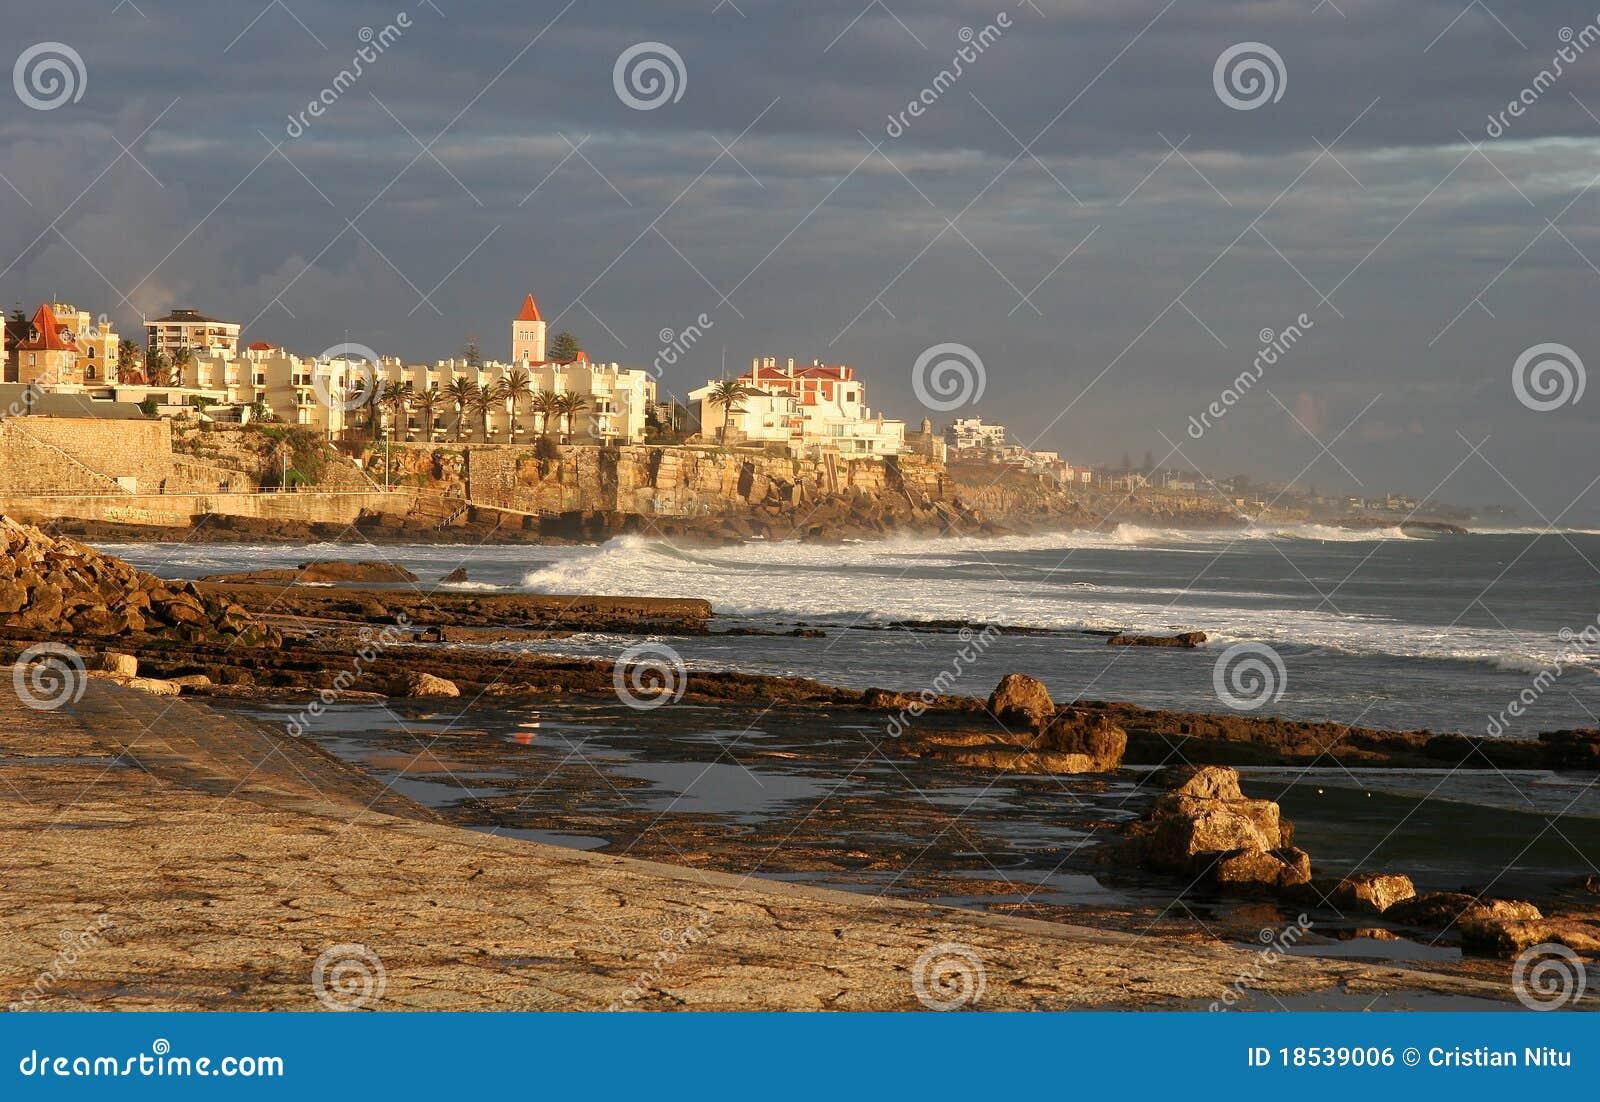 παραλία Εστορίλ Πορτογα